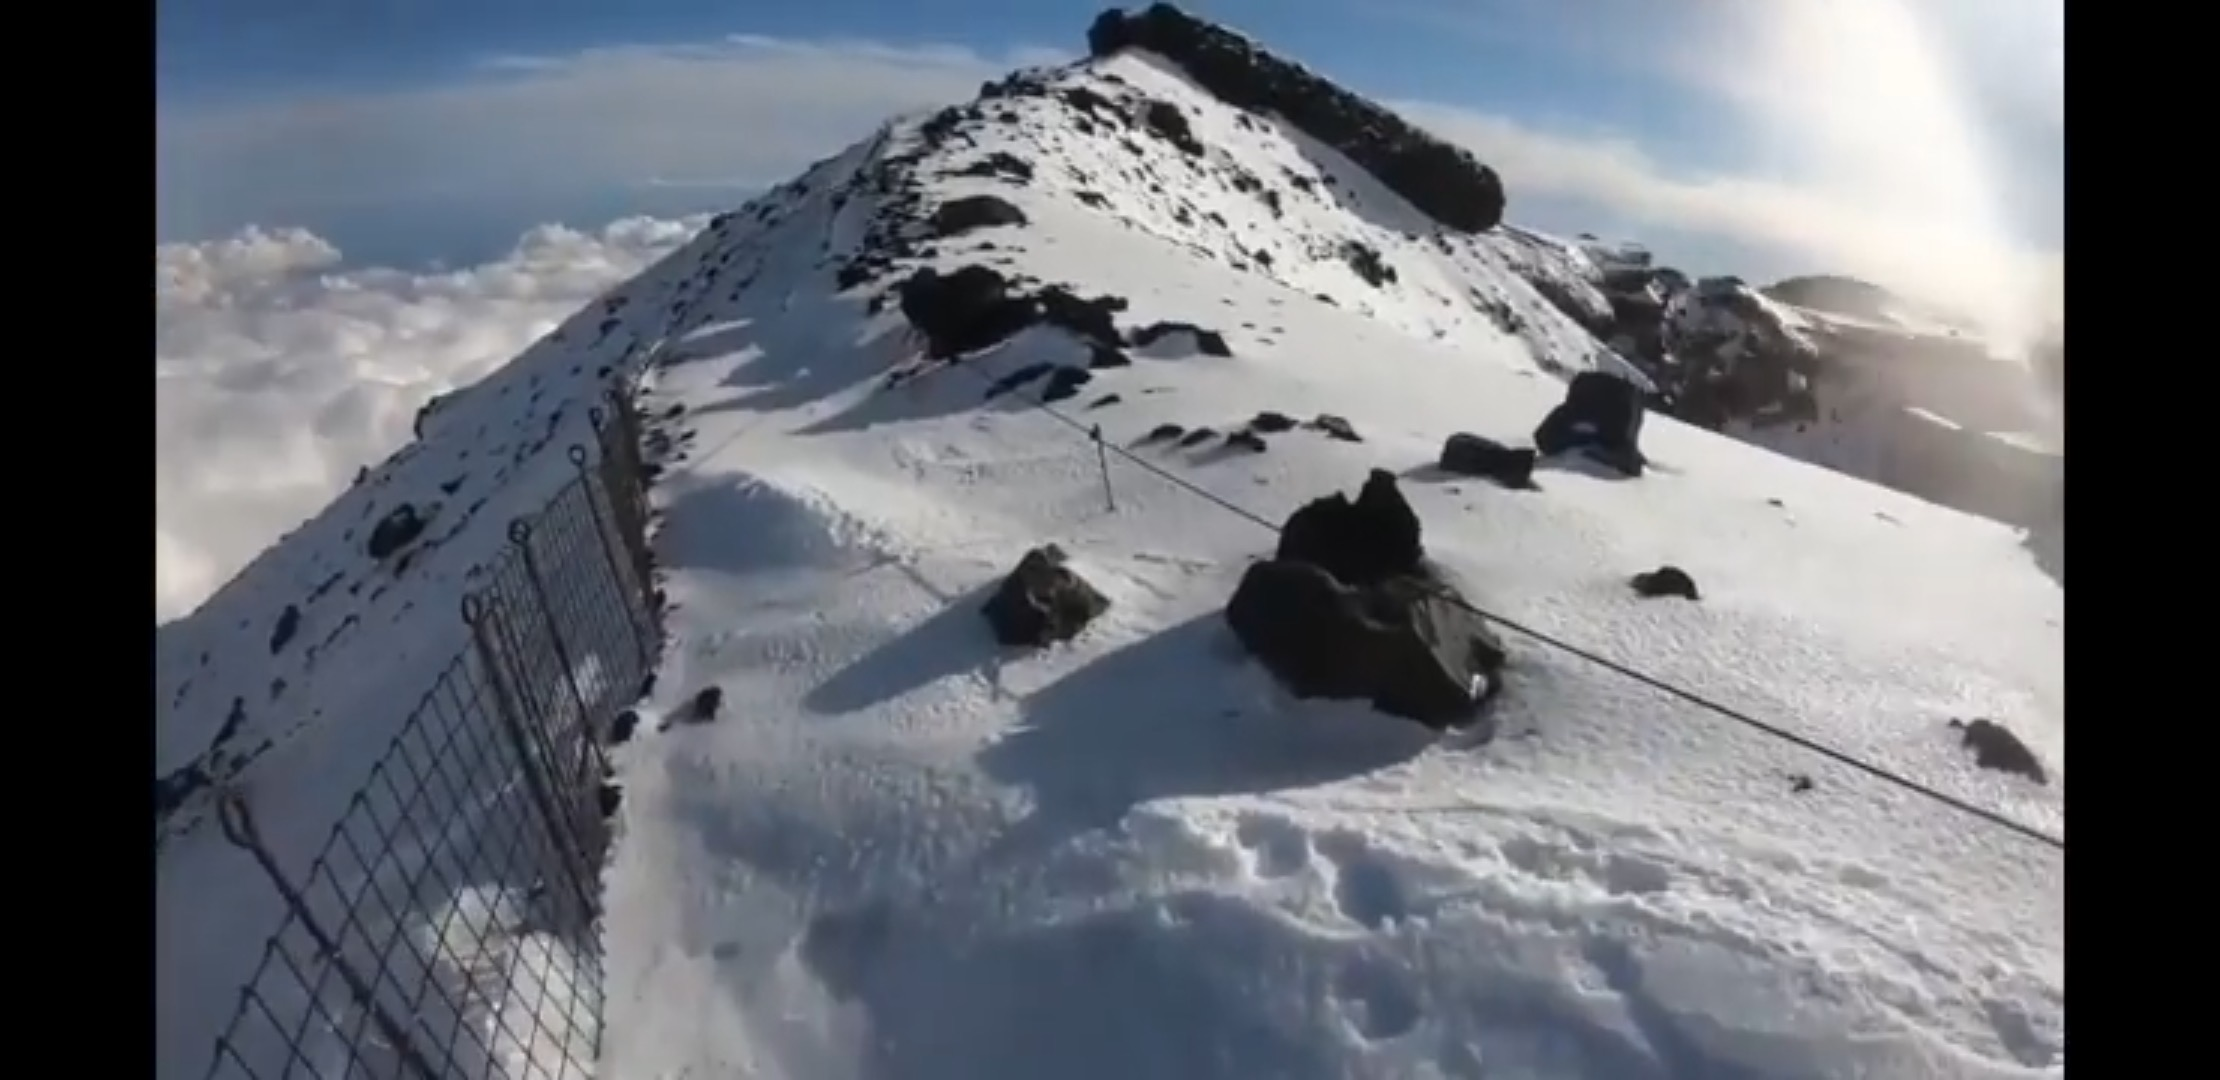 富士山頂から滑落したニコ生主 発見された遺体は損傷が激しい模様